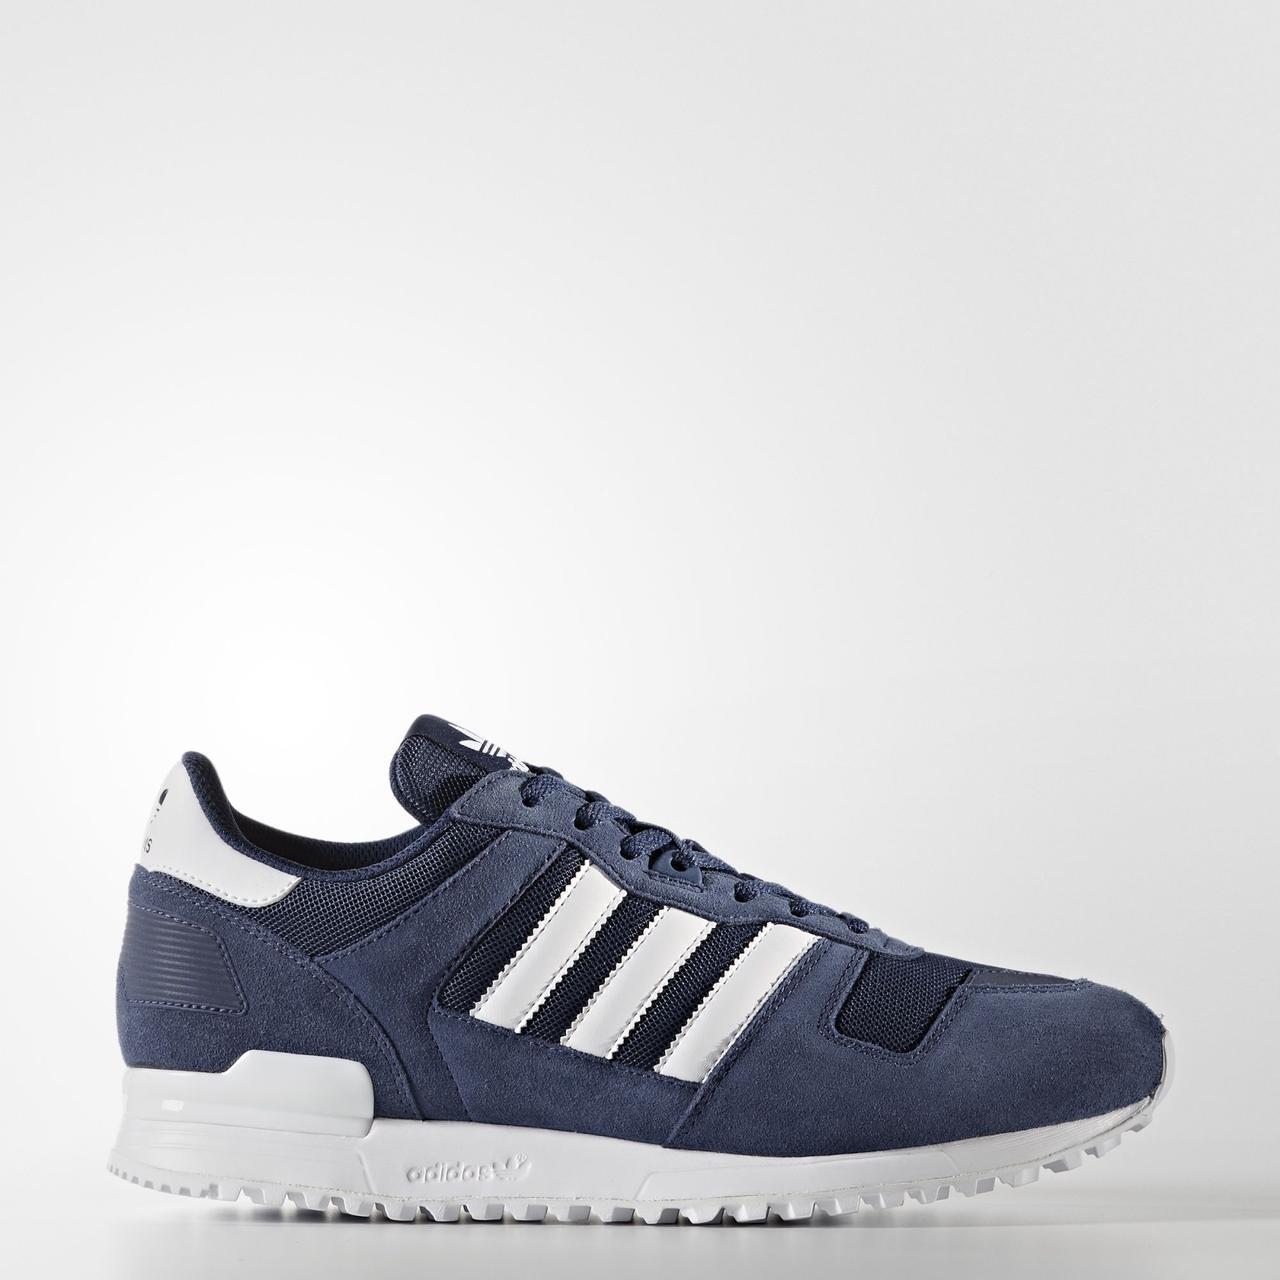 Купить Мужские кроссовки Adidas Originals ZX 700 (Артикул  BY9267) в ... d9f1a840078